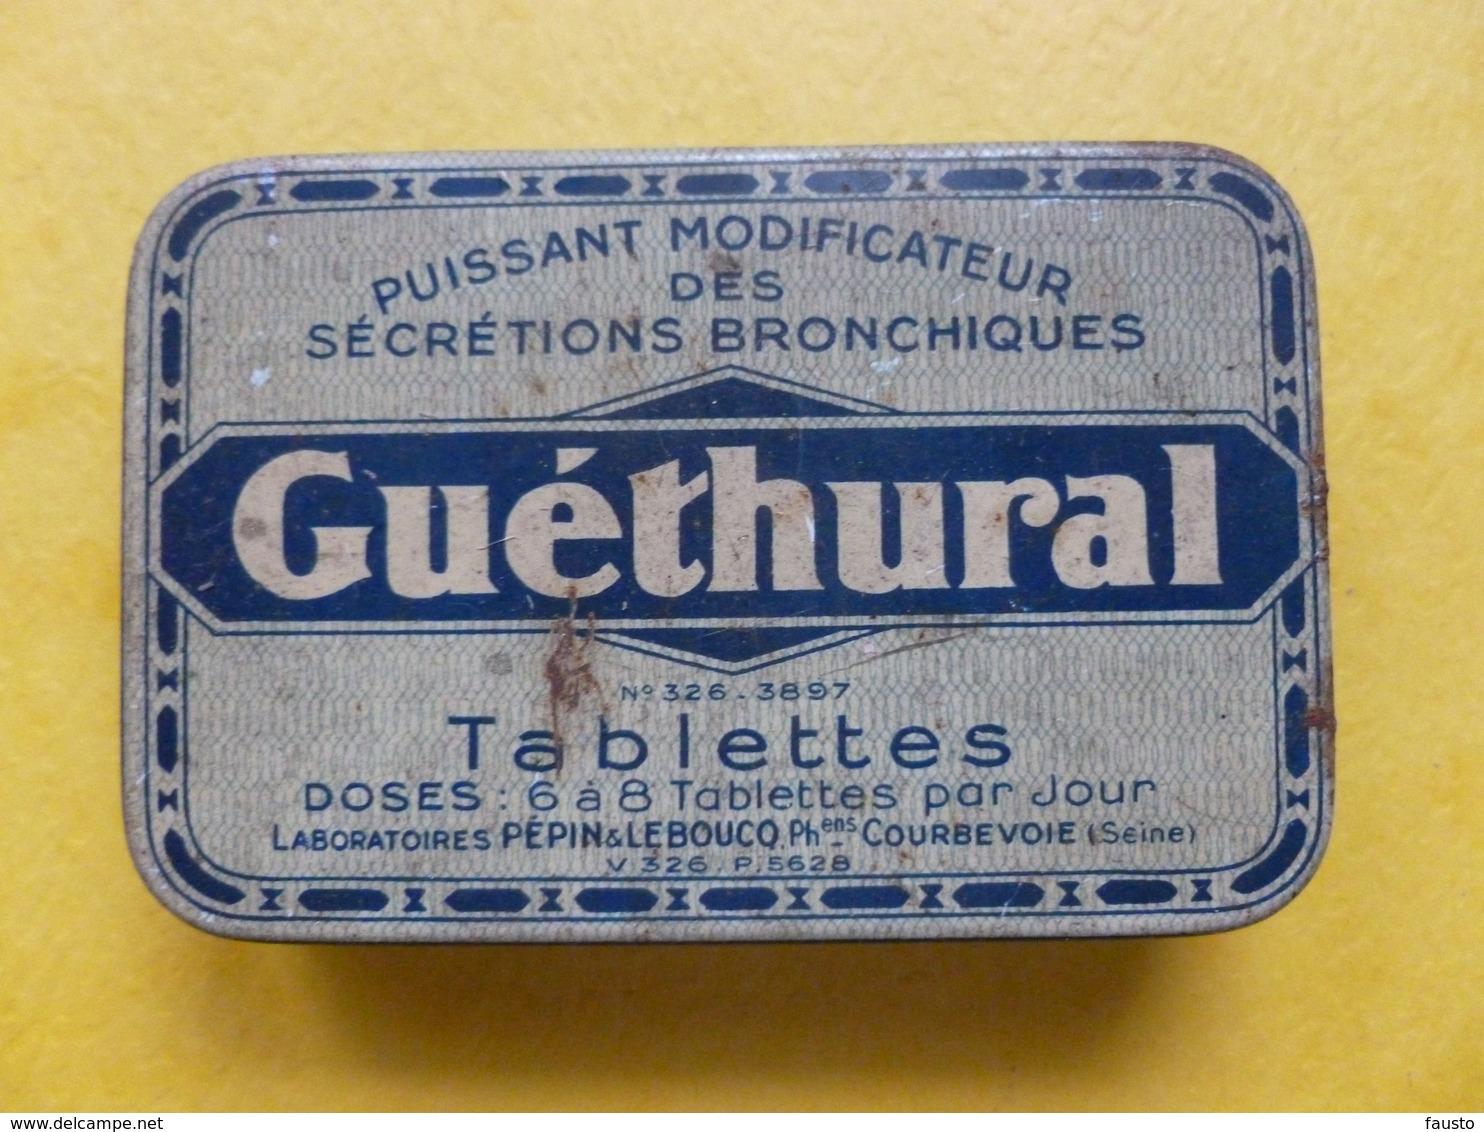 Boite Médicaments Ancienne  Guéthural Secretions Bronchiques - Matériel Médical & Dentaire